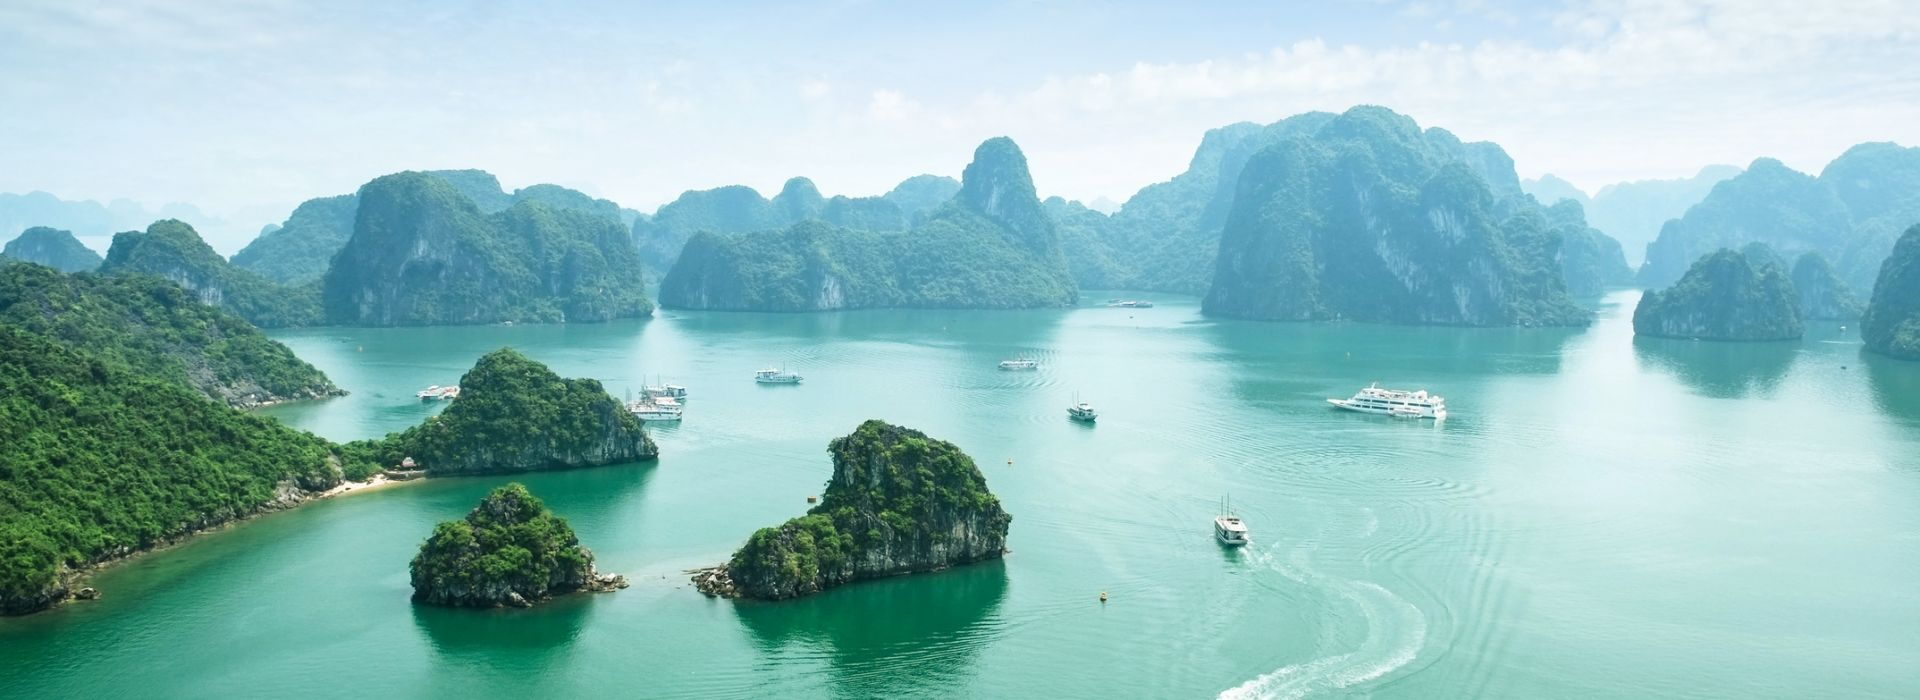 Food tours in Vietnam